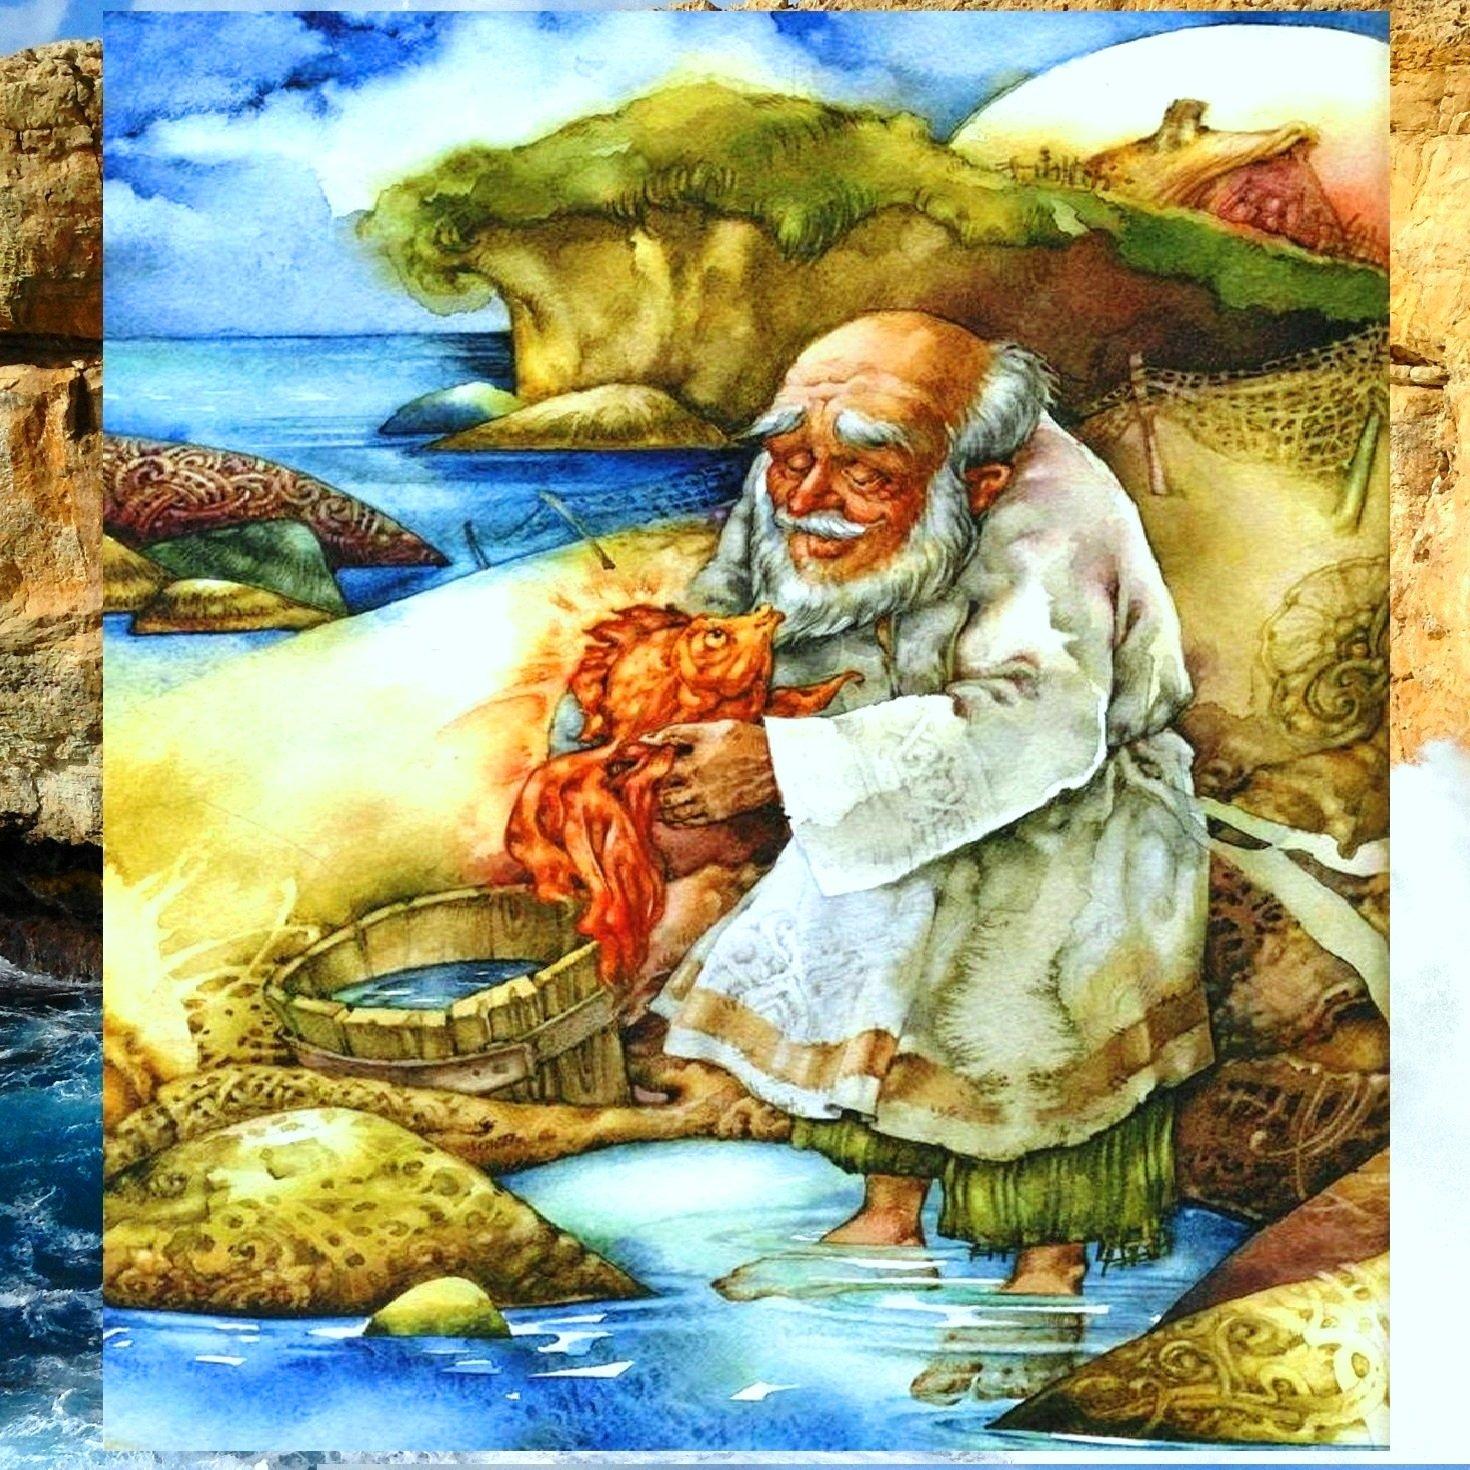 народная сказка золотая рыбка картинки